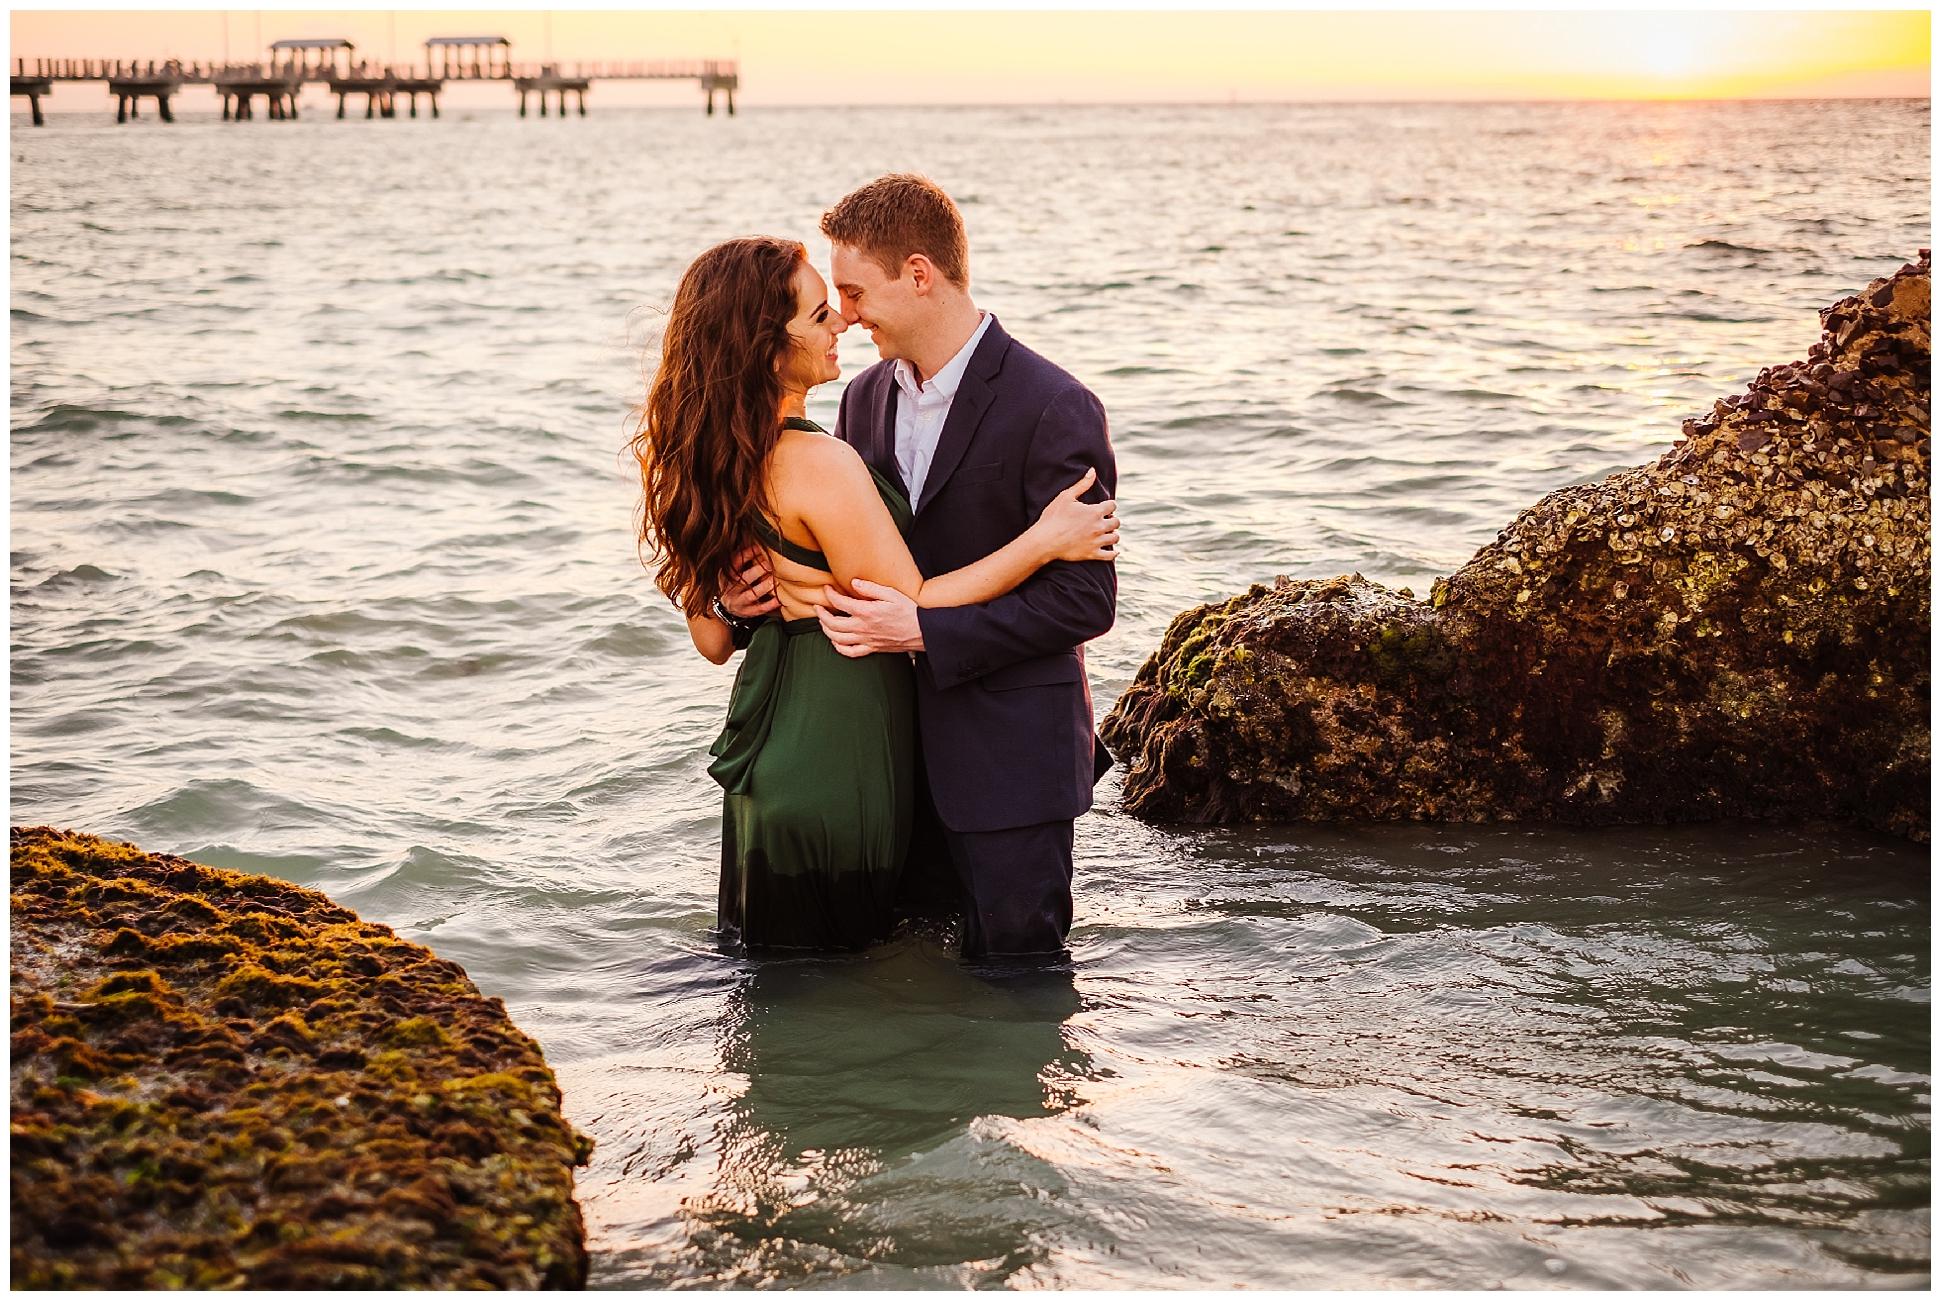 tampa-fort de soto-beach-green dress-water-love-engagement_0056.jpg